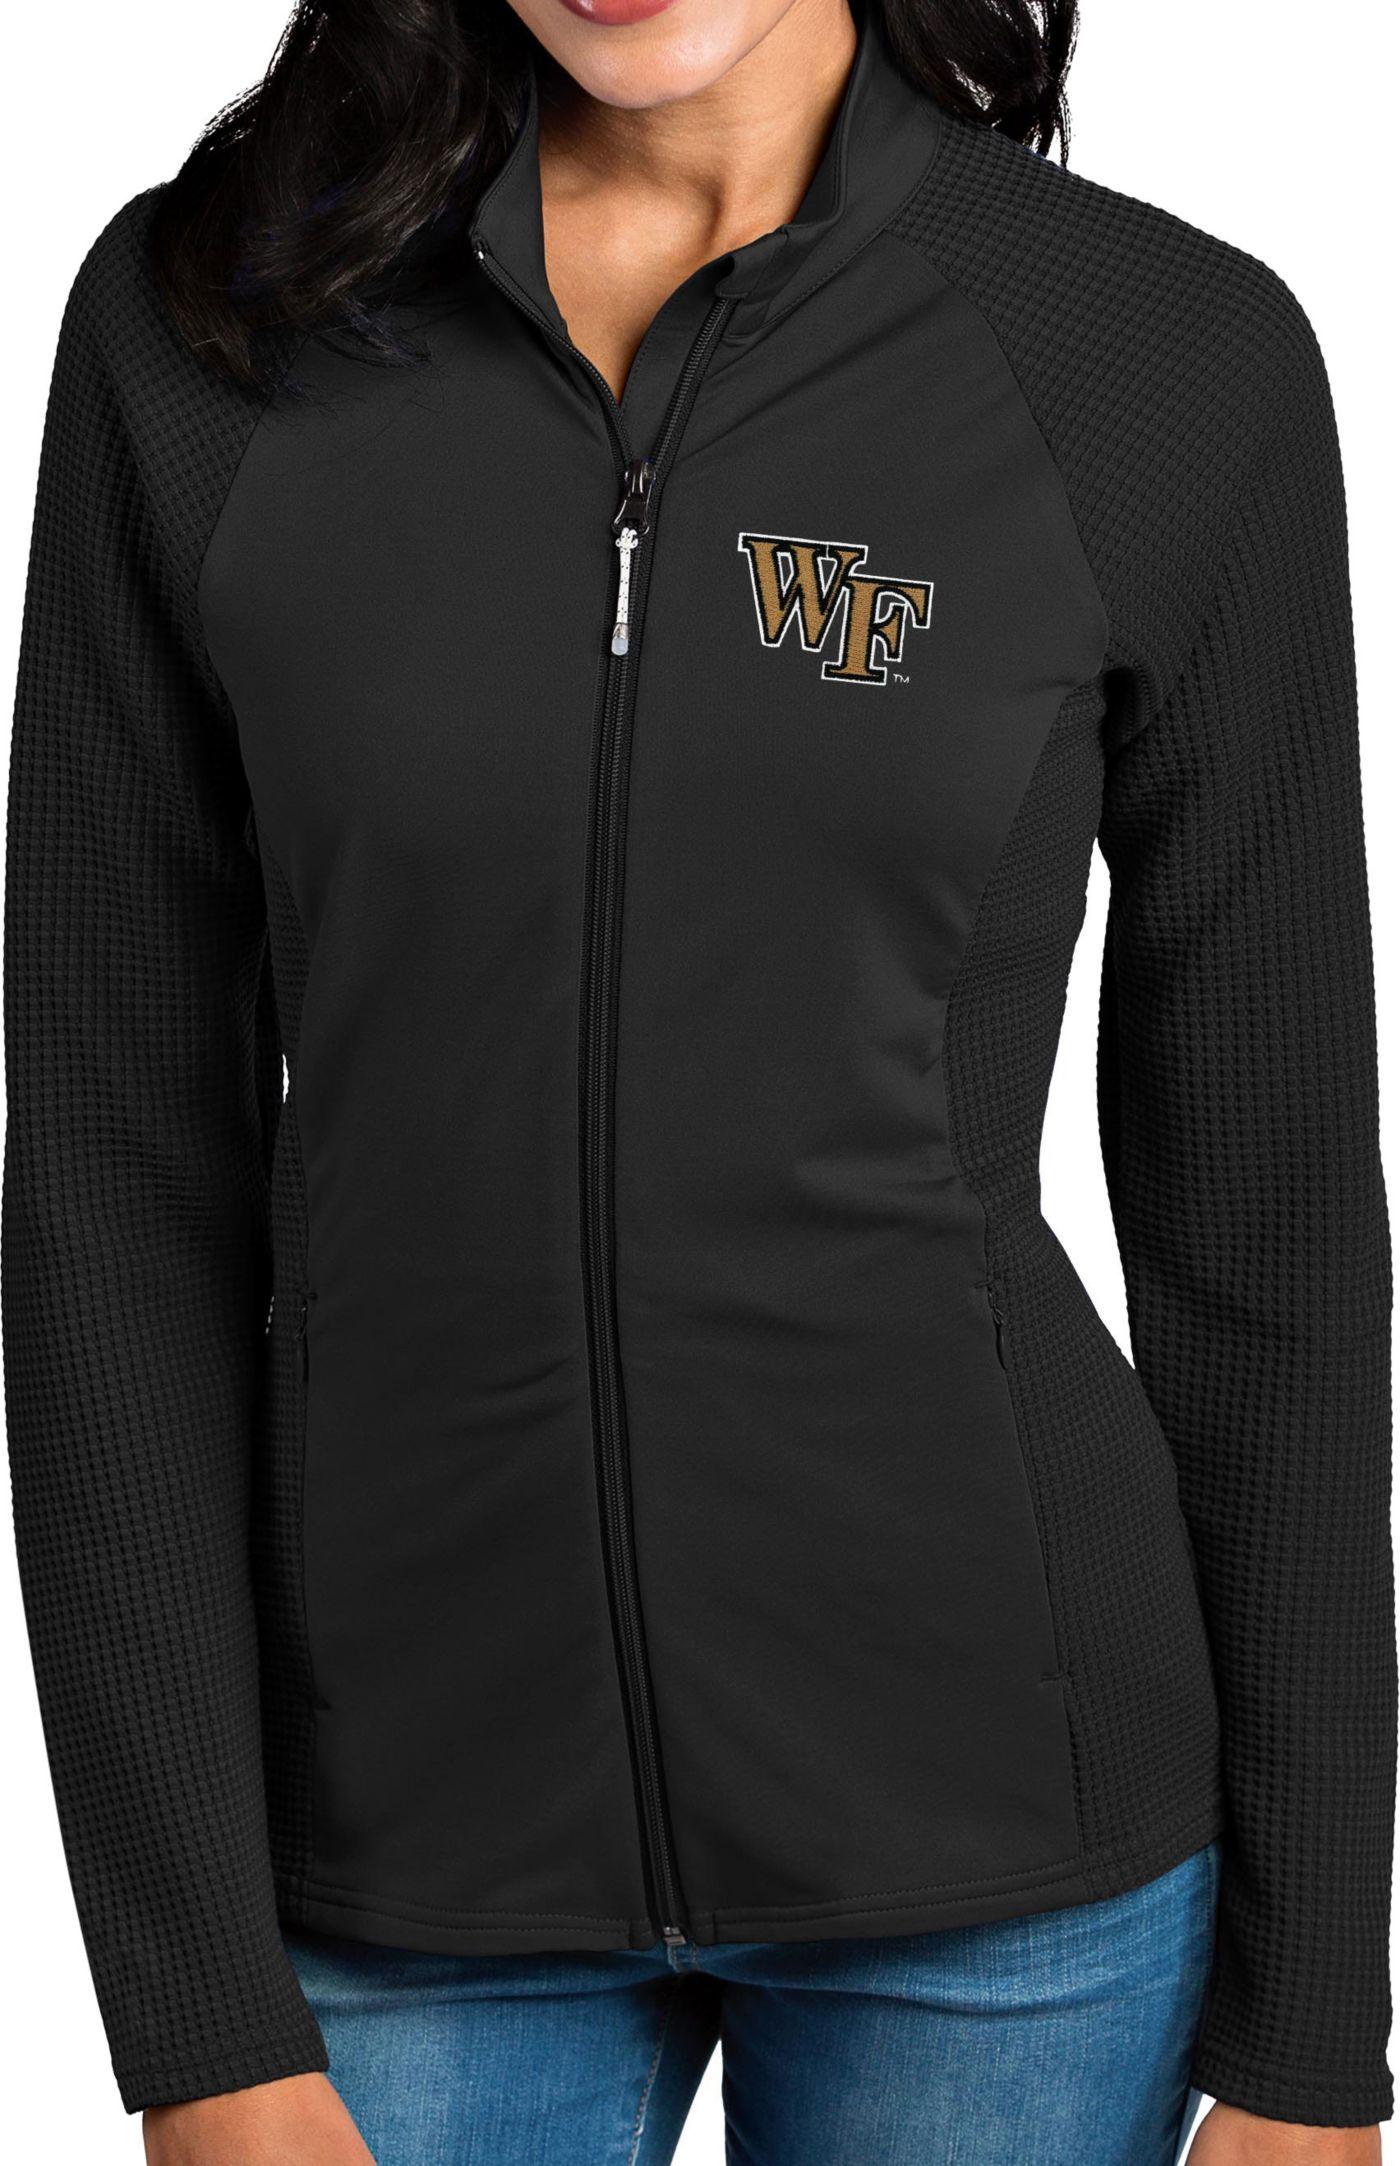 Antigua Women's Wake Forest Demon Deacons Black Sonar Full-Zip Performance Jacket